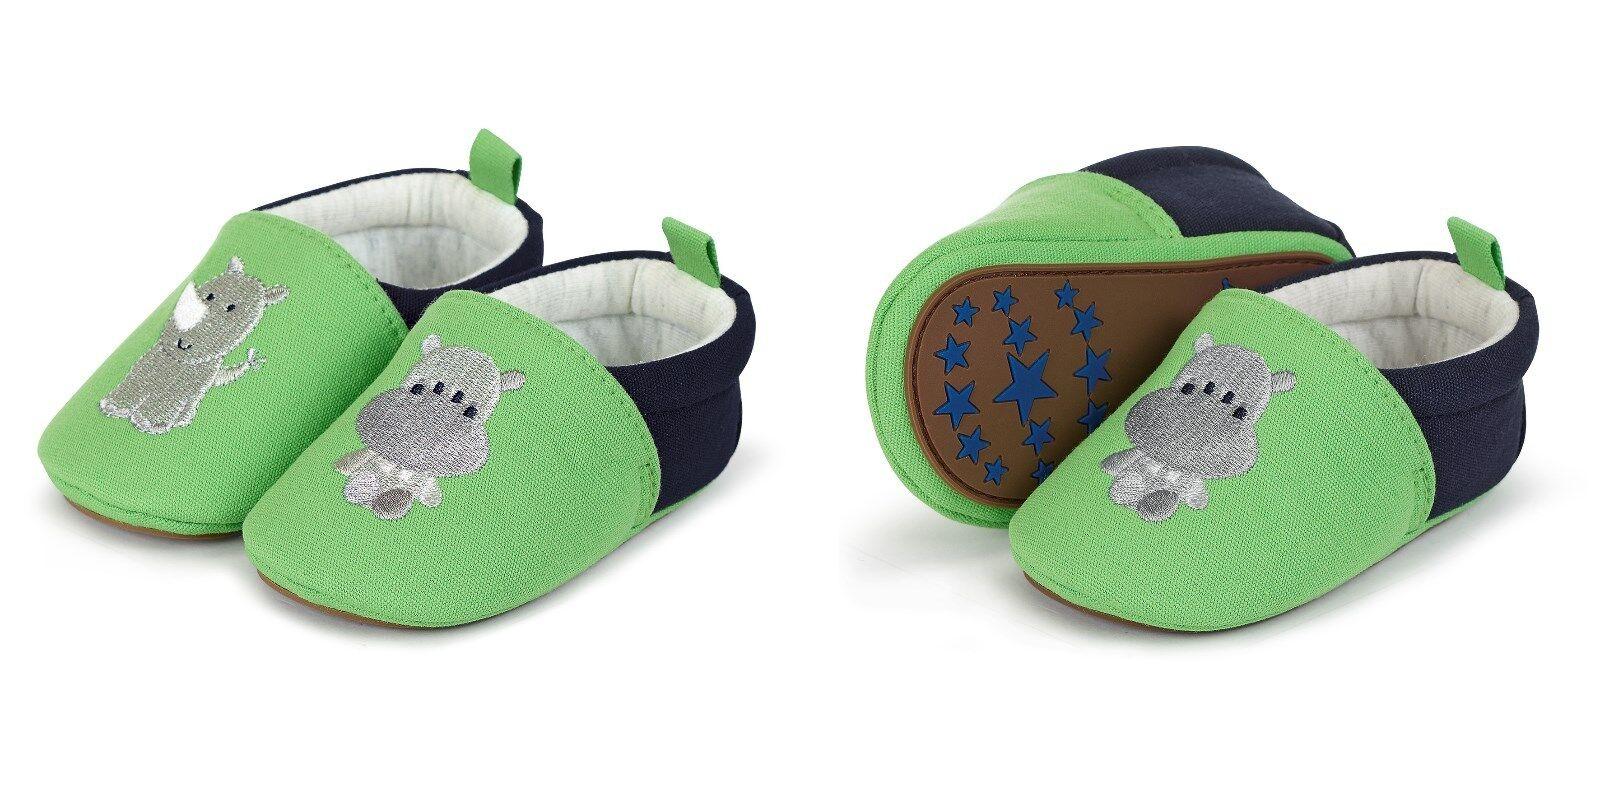 Nilpferd Babyschuhe Test Vergleich +++ Nilpferd Babyschuhe